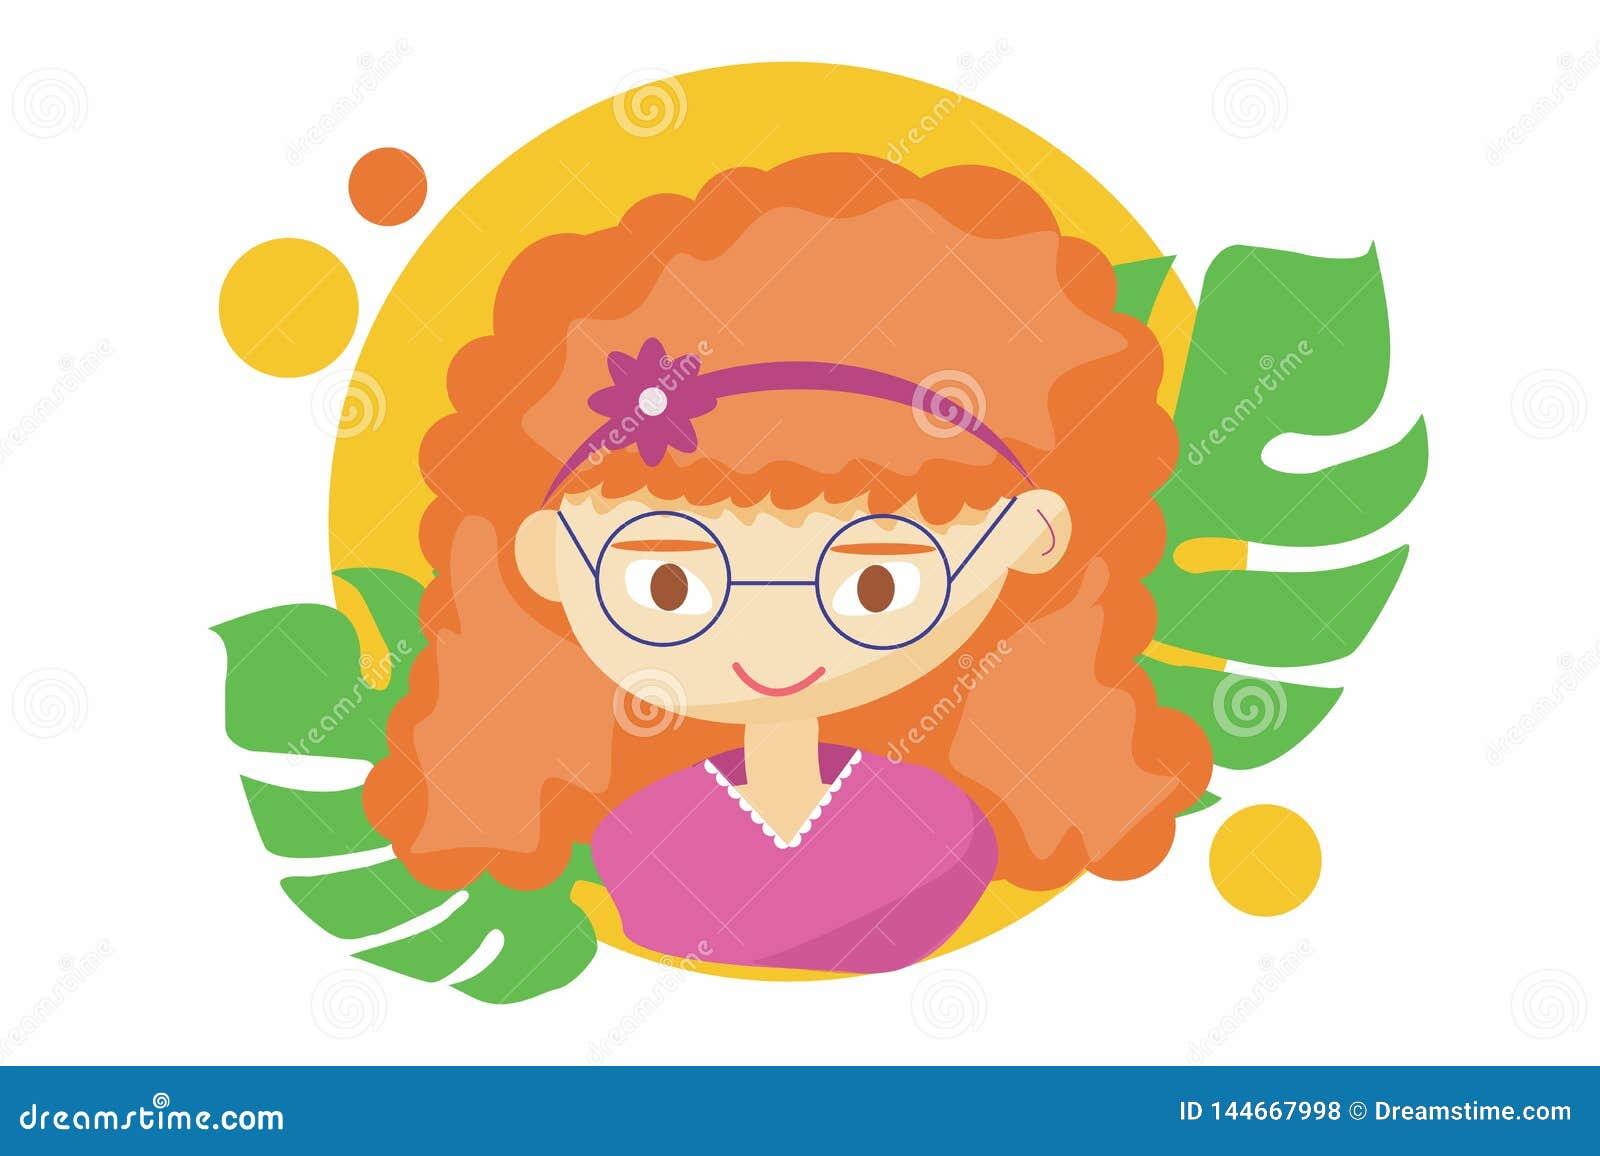 Schönes nettes Sommermädchen - Illustration des schönen rothaarigen glücklichen Mädchengesichtes, positive Gesichtseigenscha